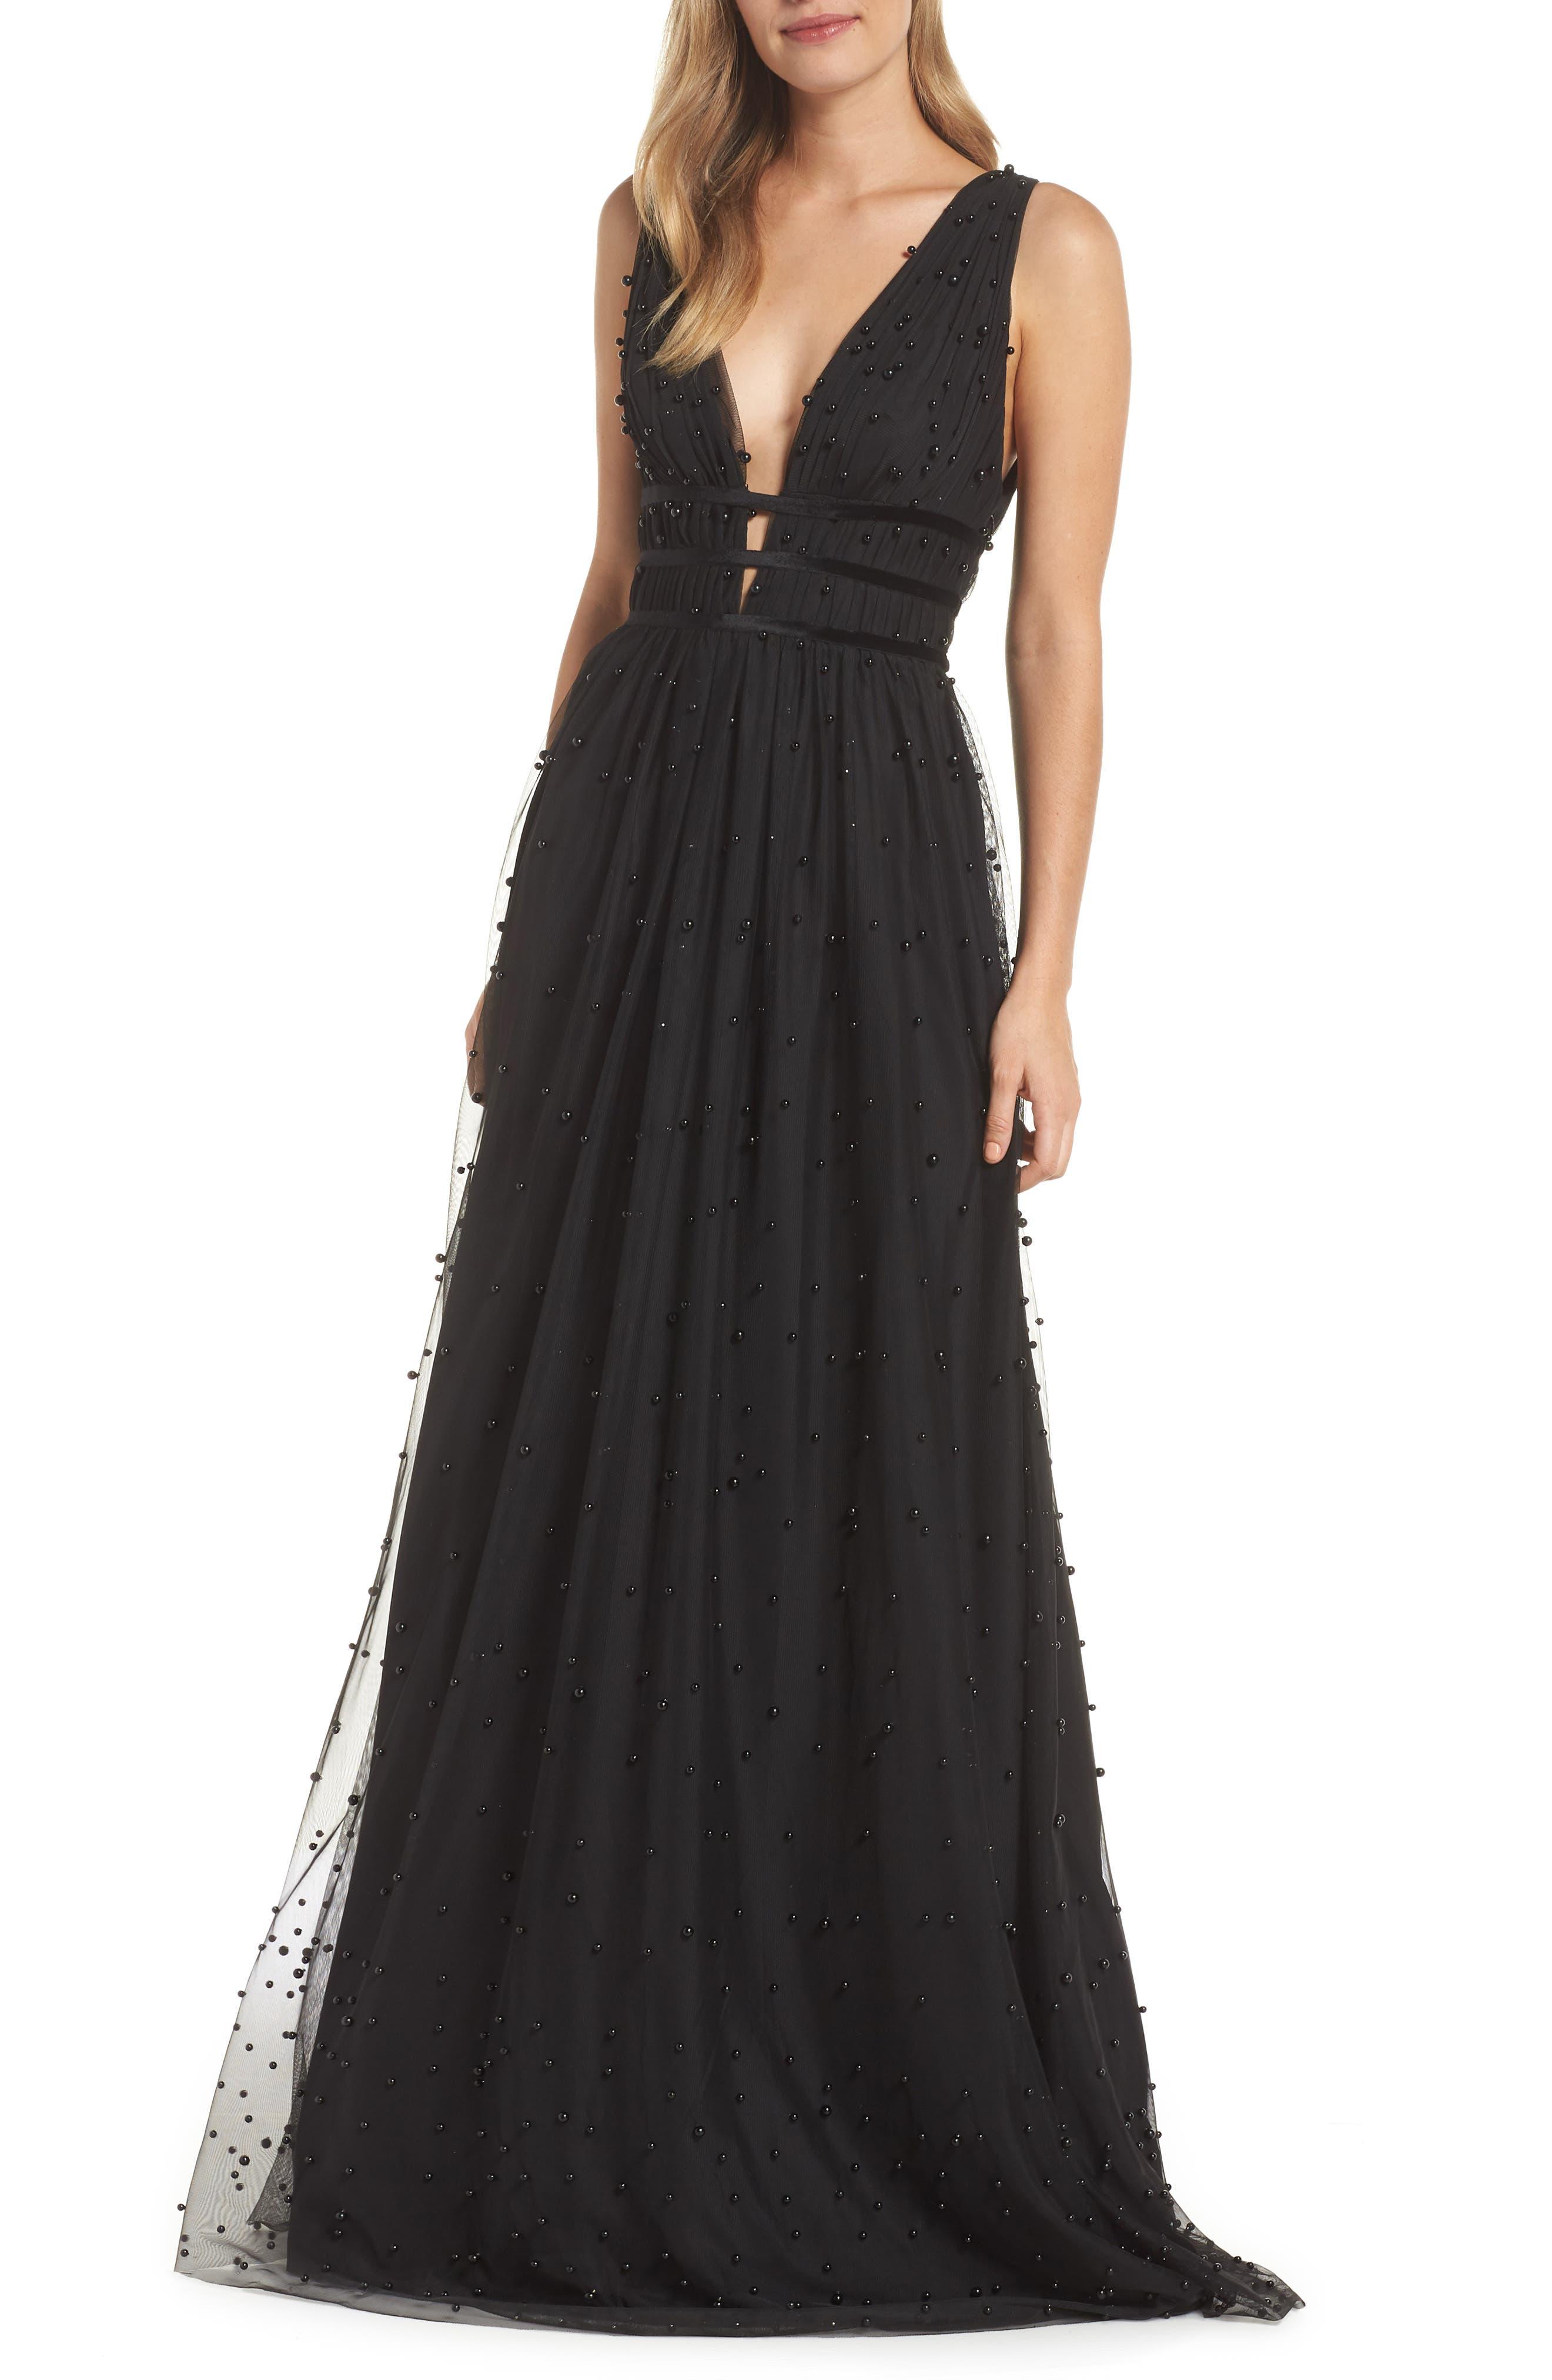 Ml Monique Lhuillier Beaded Mesh Gown, Black